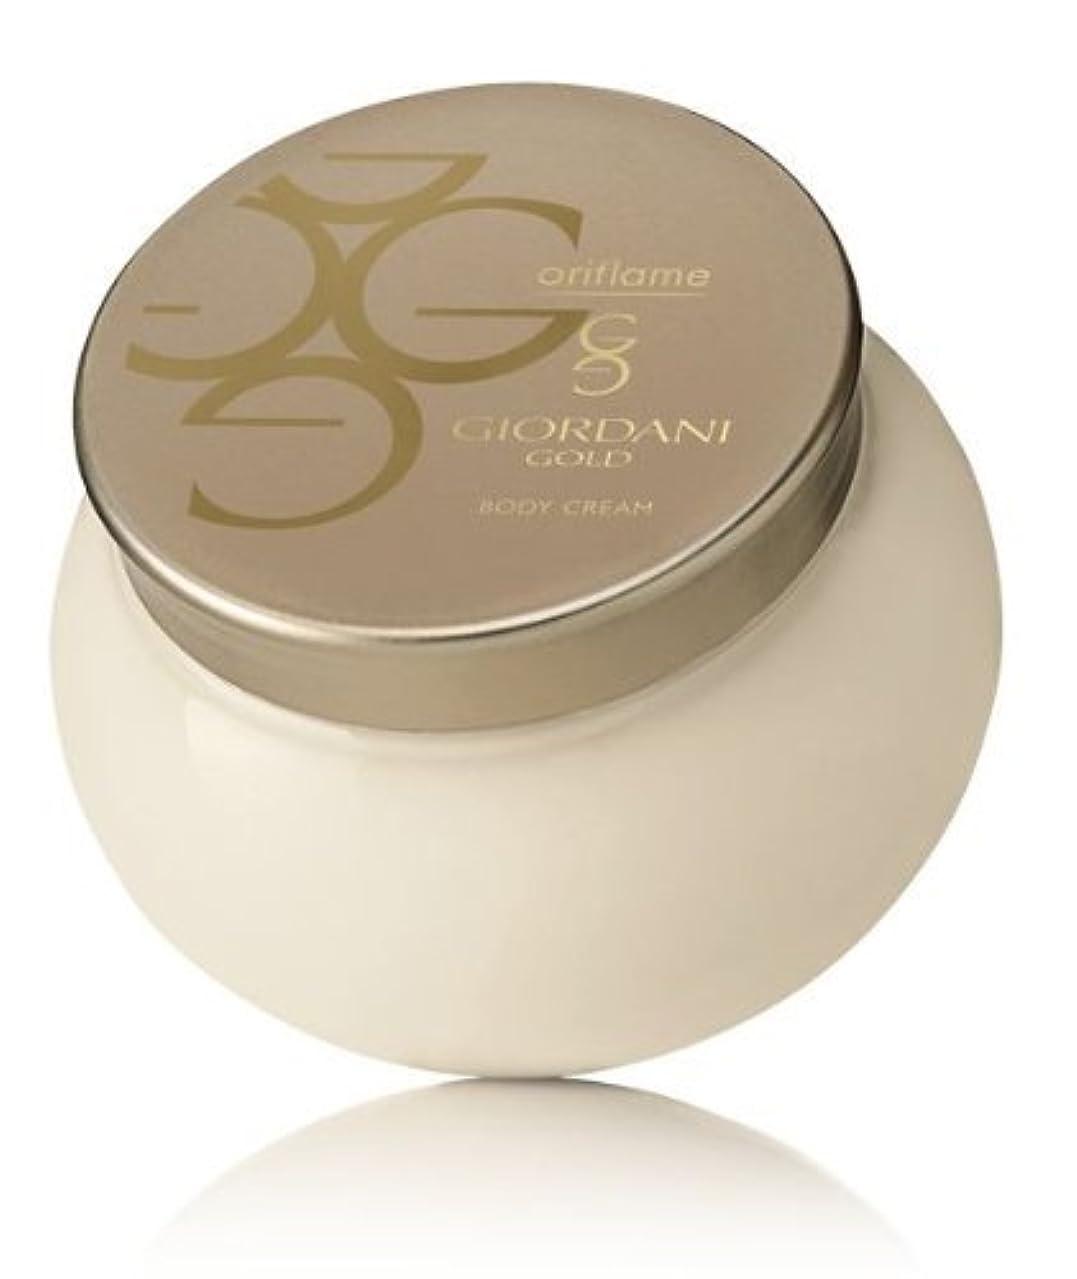 ジョブ散らす国歌Giordani Gold Body Cream by Oriflame